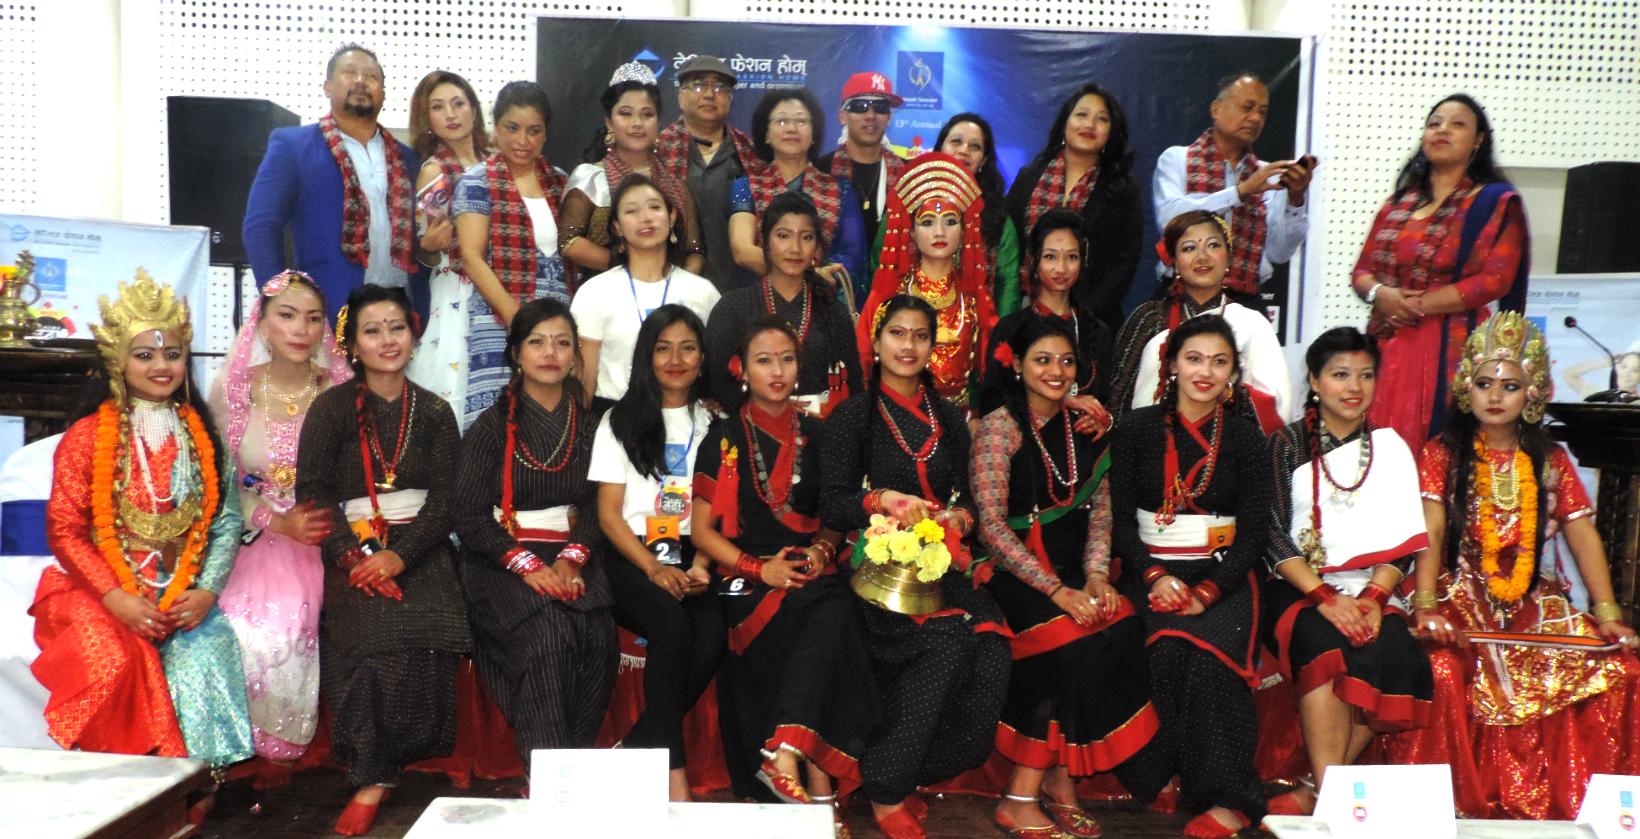 ट्यालेन्ट शोमा मिस नेवाः का प्रतिस्पर्धी